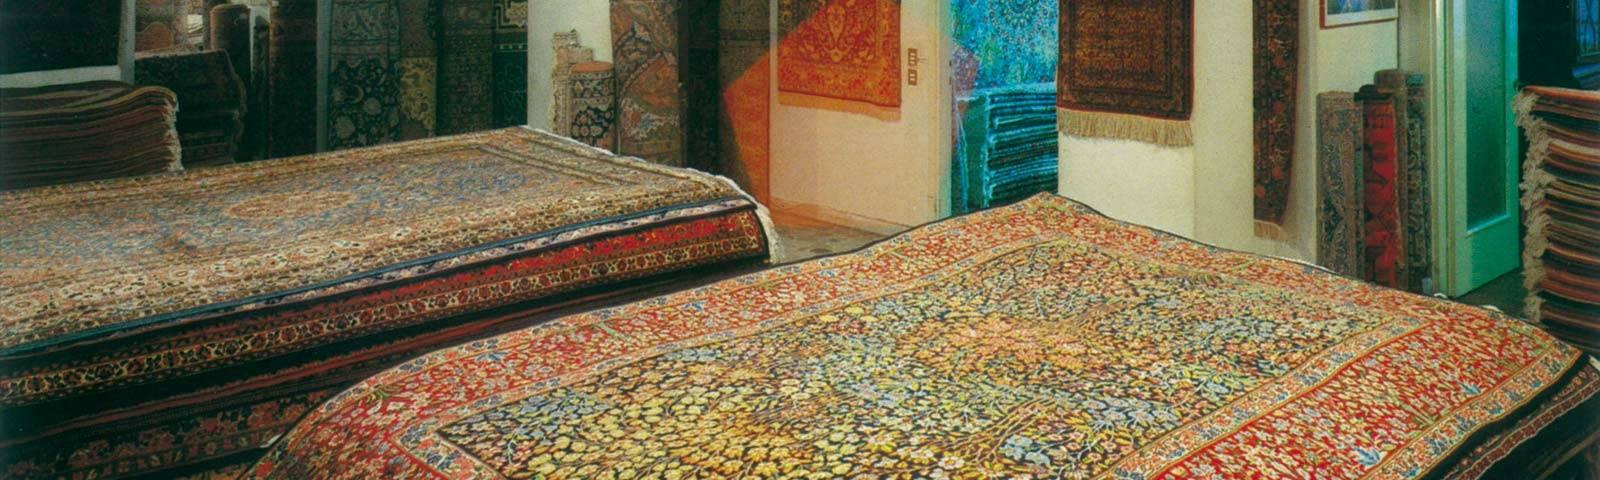 Vendita Tappeti Persiani Orientali